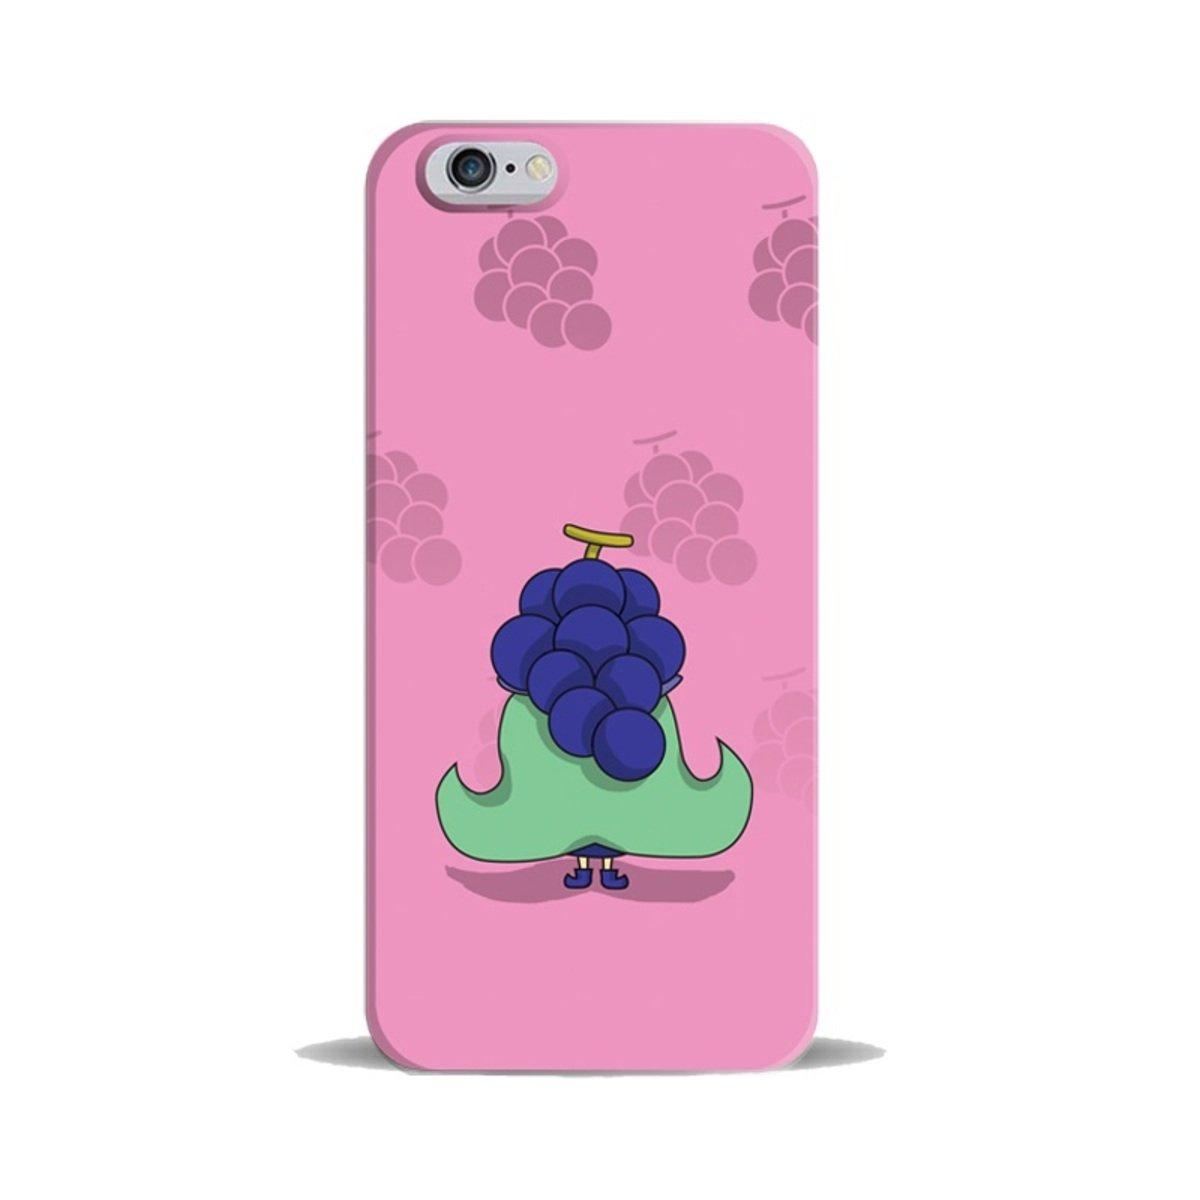 """iPhase - iPhone 6 (4.7"""") 手機膠殼電話保護套 4.7寸 (Gra) (另有適合iPhone 6 Plus 5.5寸型號)"""